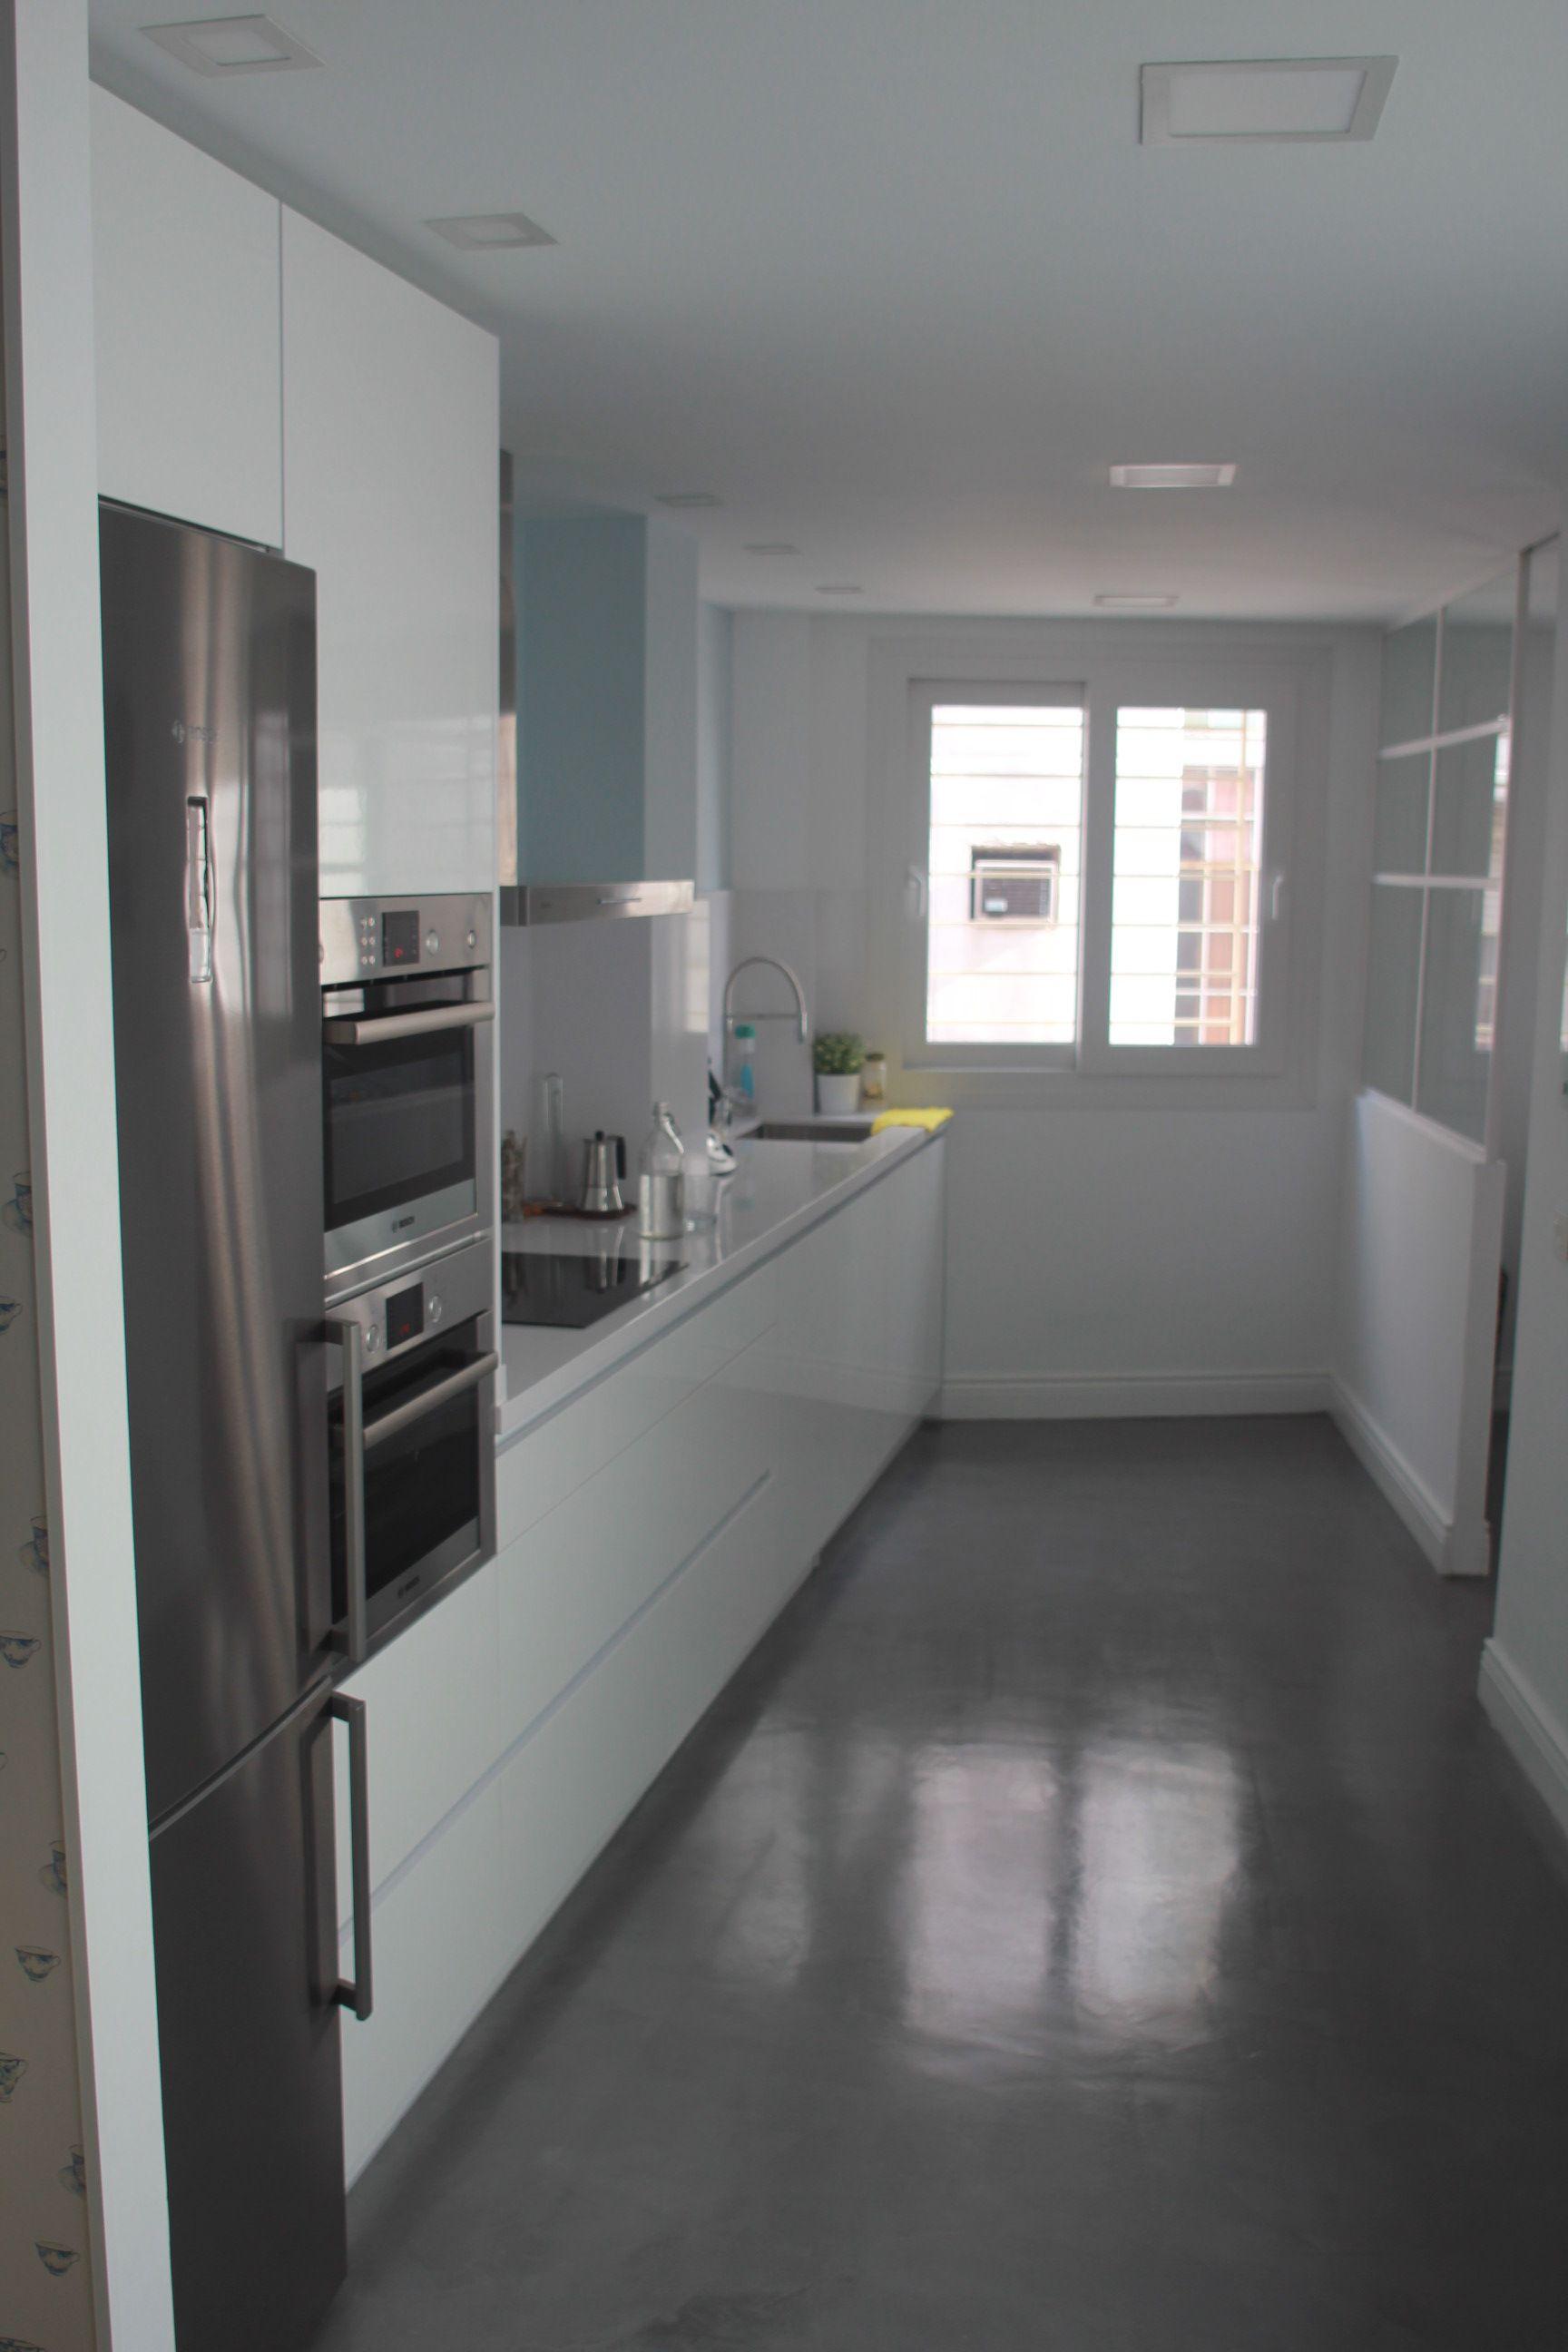 Cocina Estilo Moderno Blanco Gris Gris Diseno De Cocina De Lujo Diseno Muebles De Cocina Cocinas Rectangulares